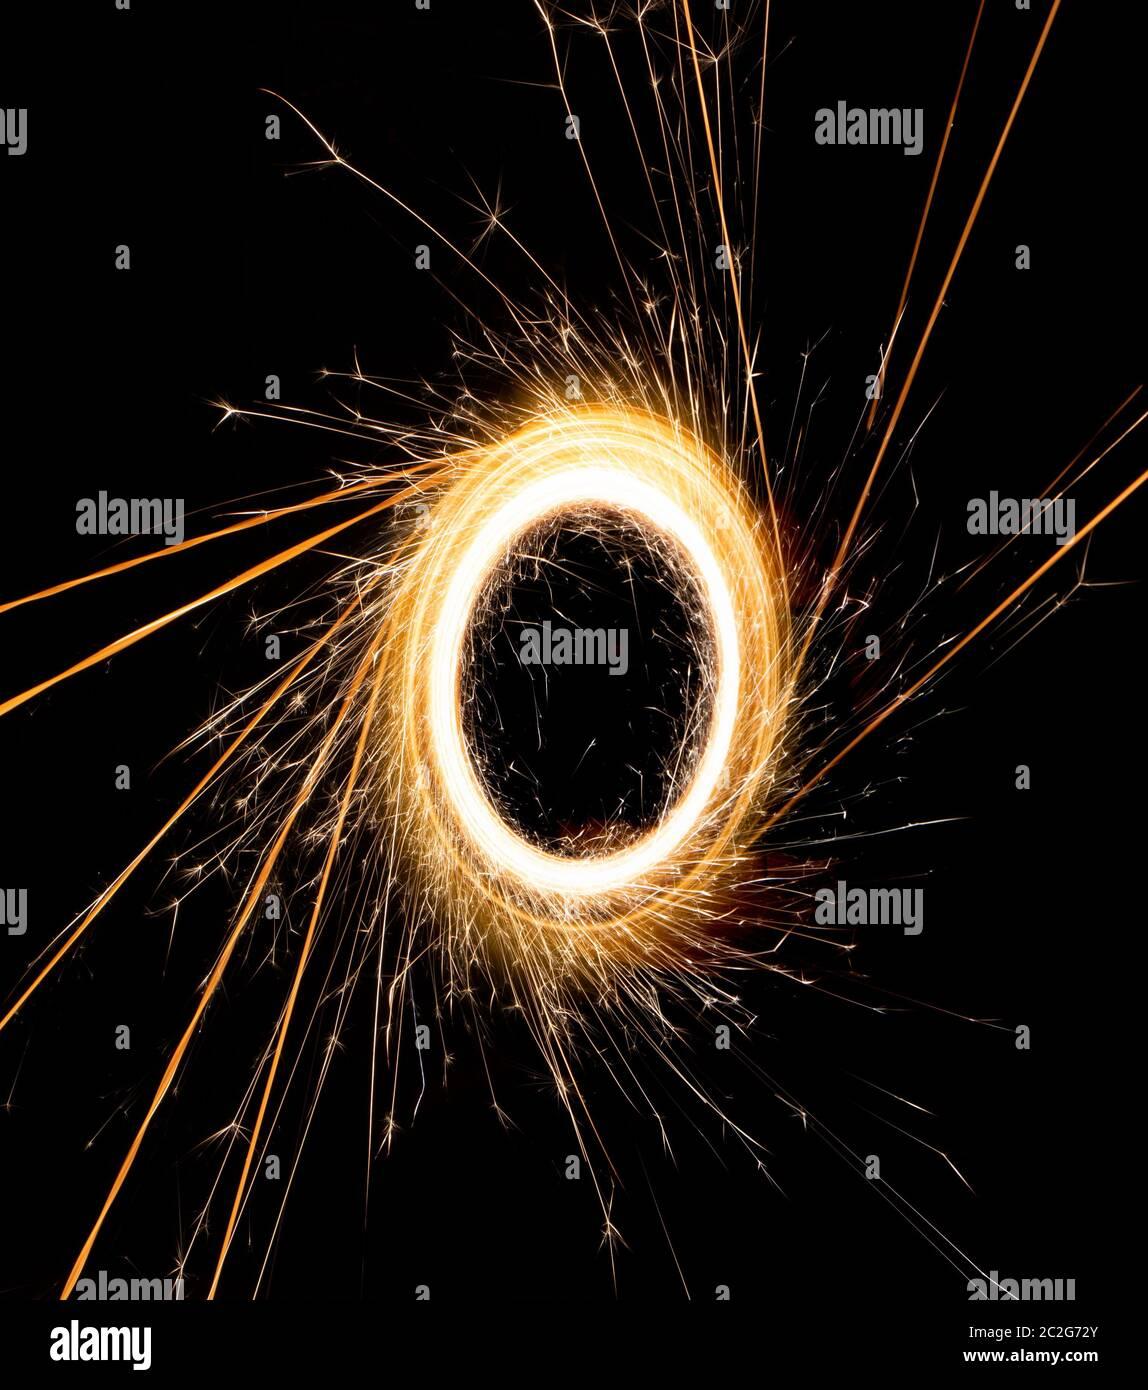 beau sparkler dans un cercle sur fond noir Banque D'Images